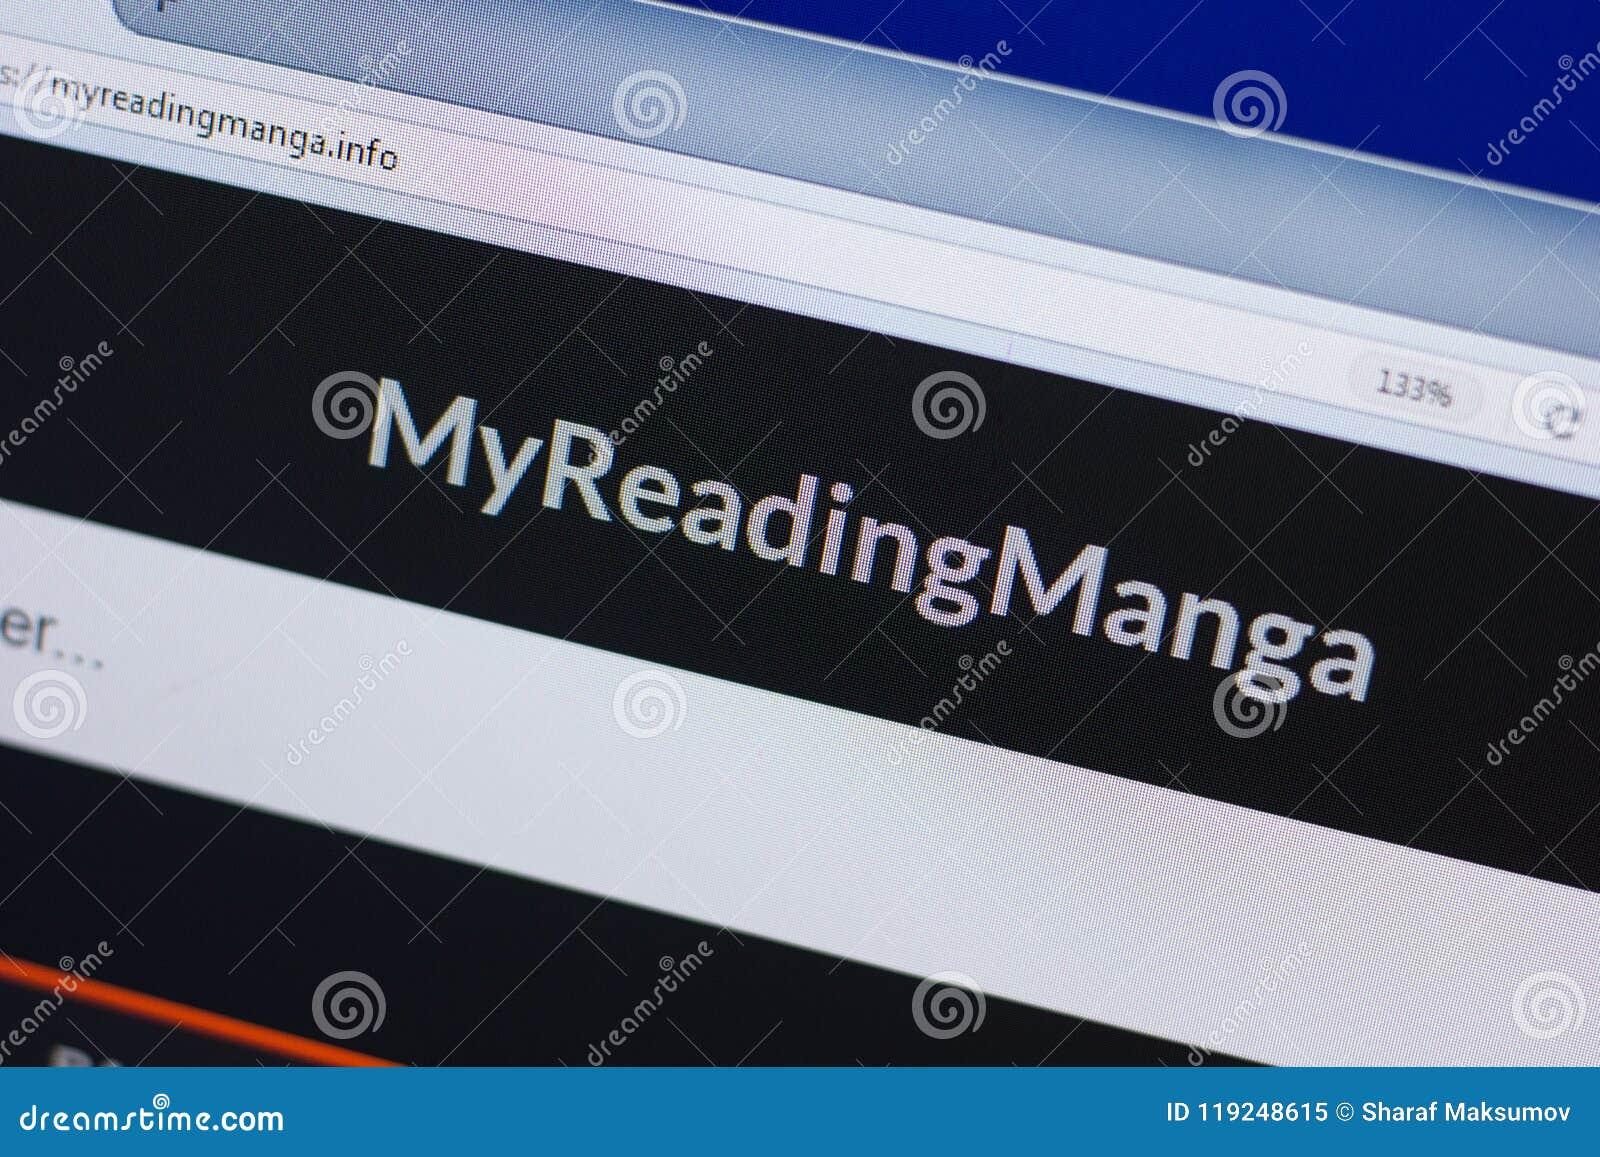 梁赞,俄罗斯- 2018年6月16日:MyReadingManga网站主页个人计算机, URL - MyReadingManga显示的  信息